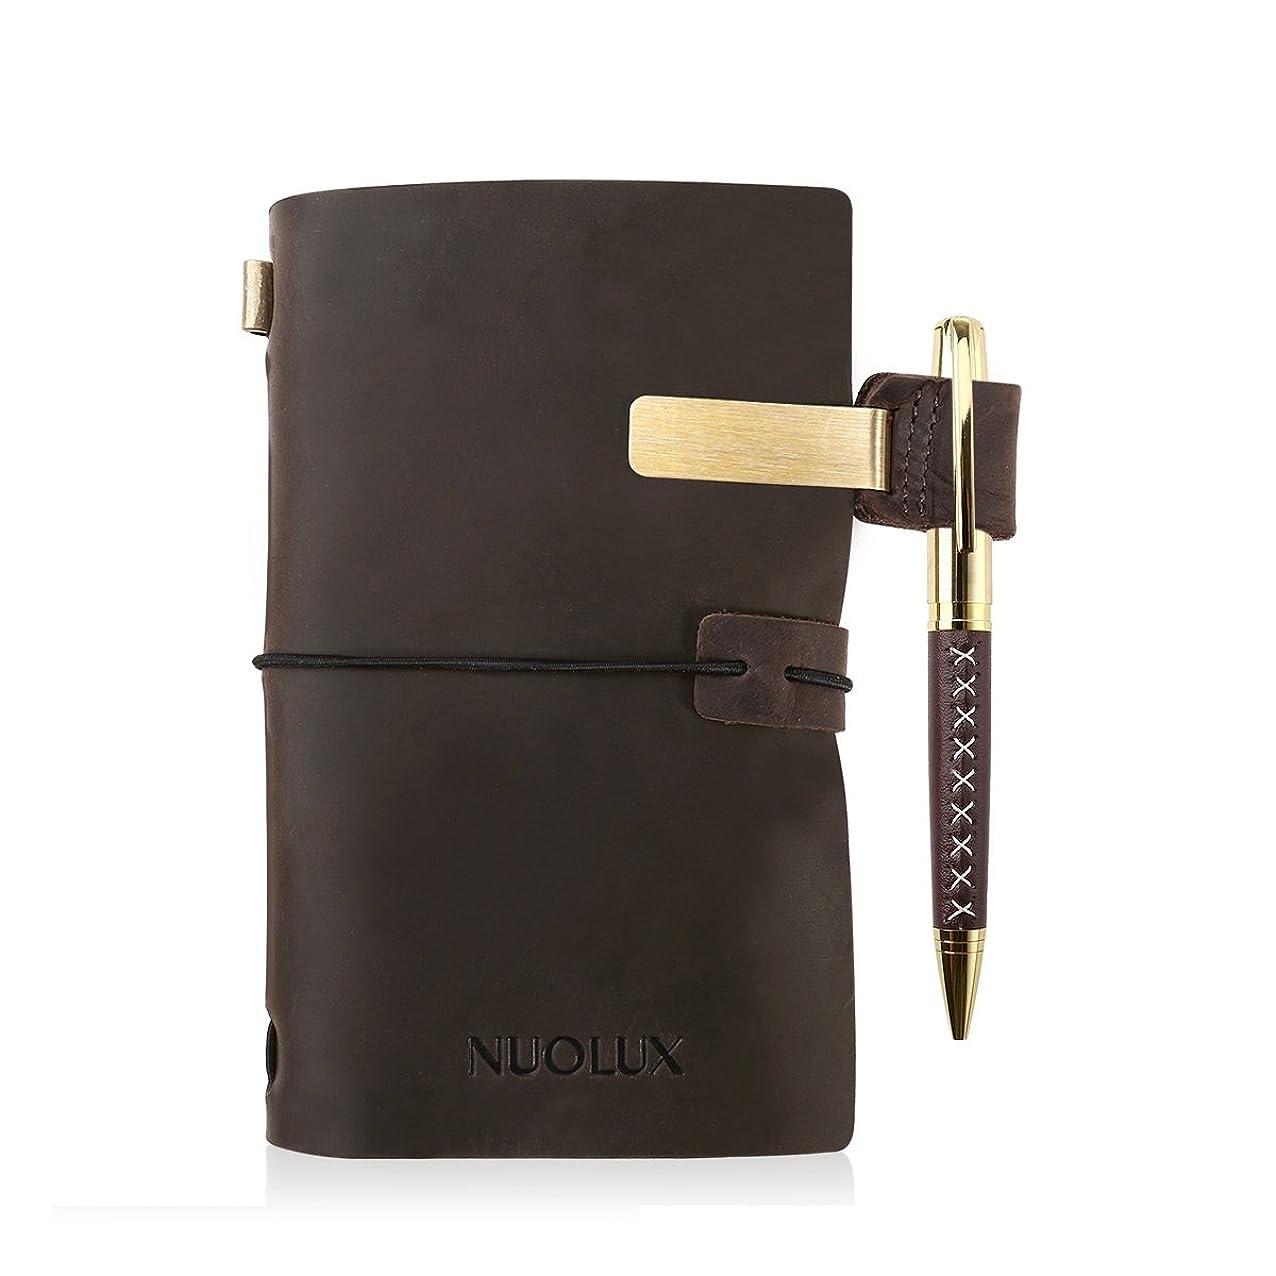 散らす組裁判官NUOLUX 手帳 レザー製 レトロスタイル 詰め替え可能 ペン付き